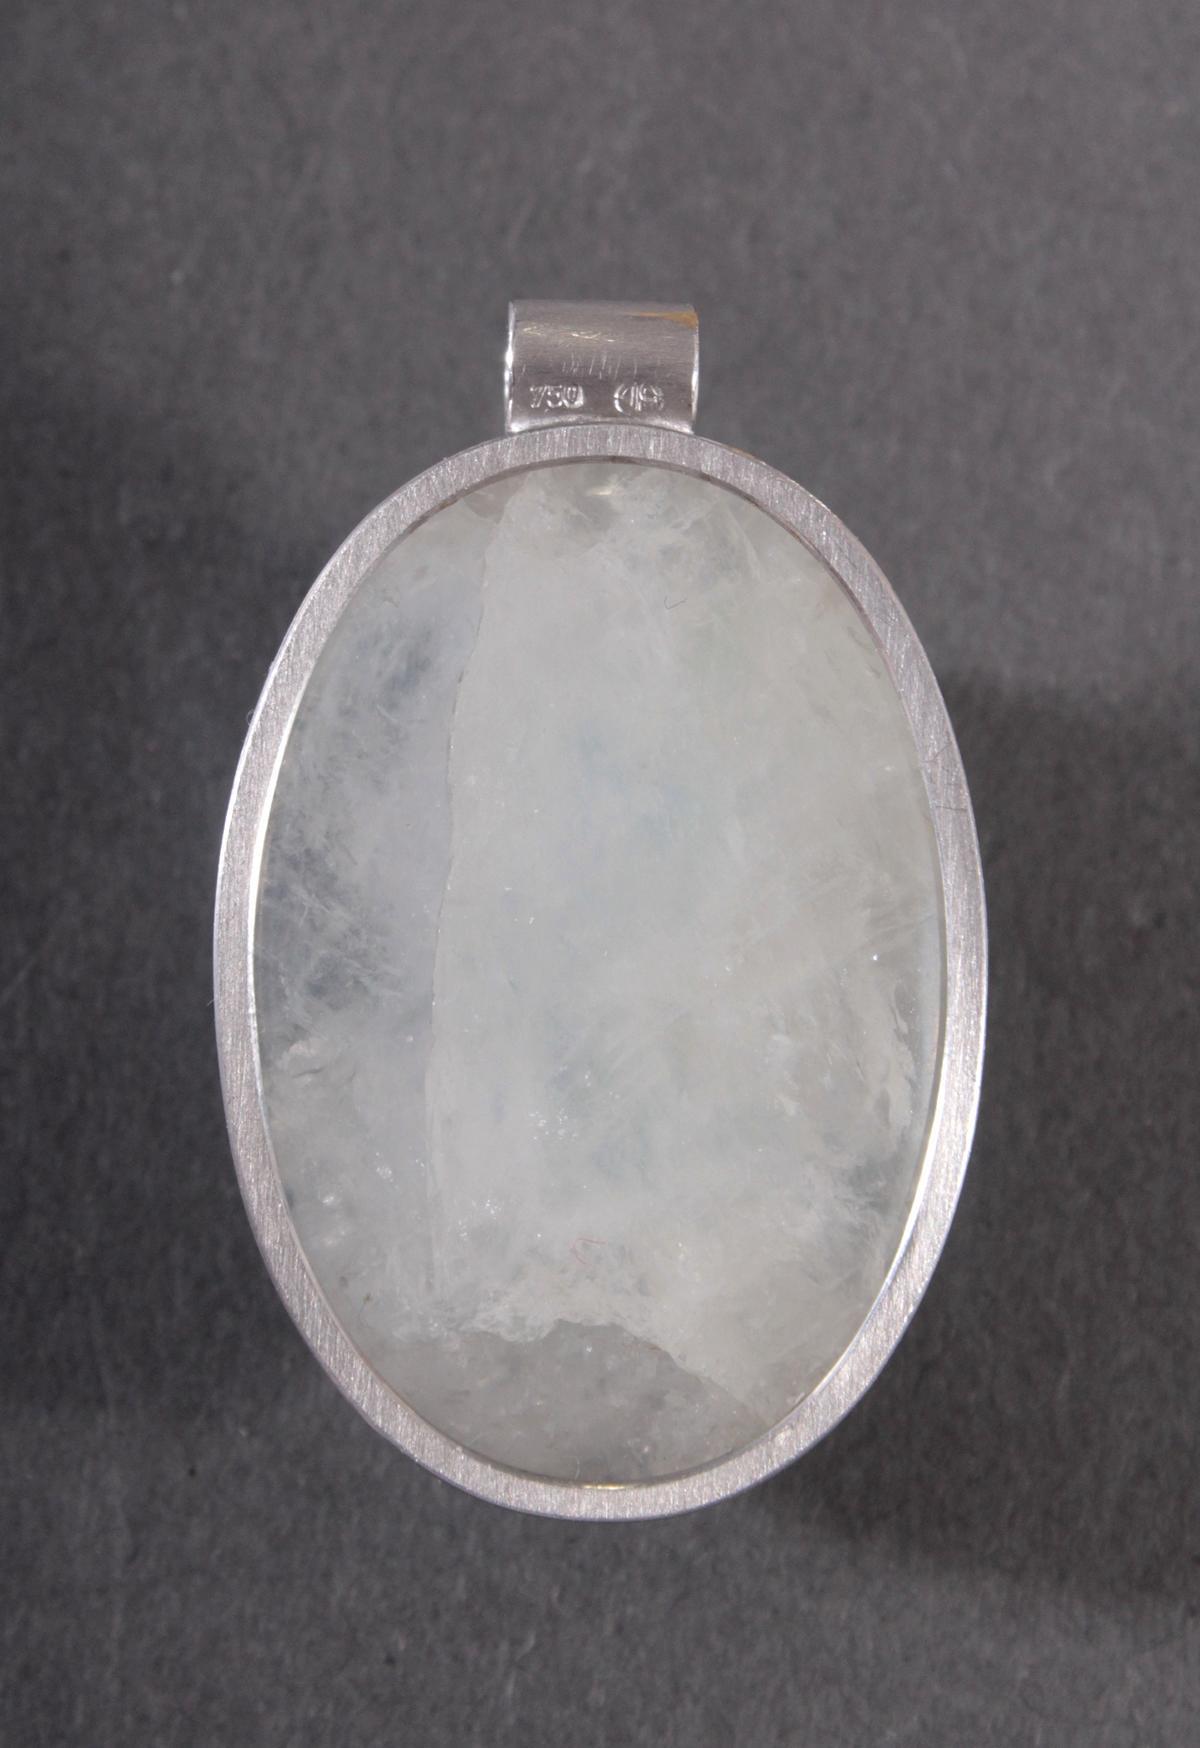 Anhänger aus Aquamarinstufe im Bergkristall mit 18 Karat Weißgoldfassung-2